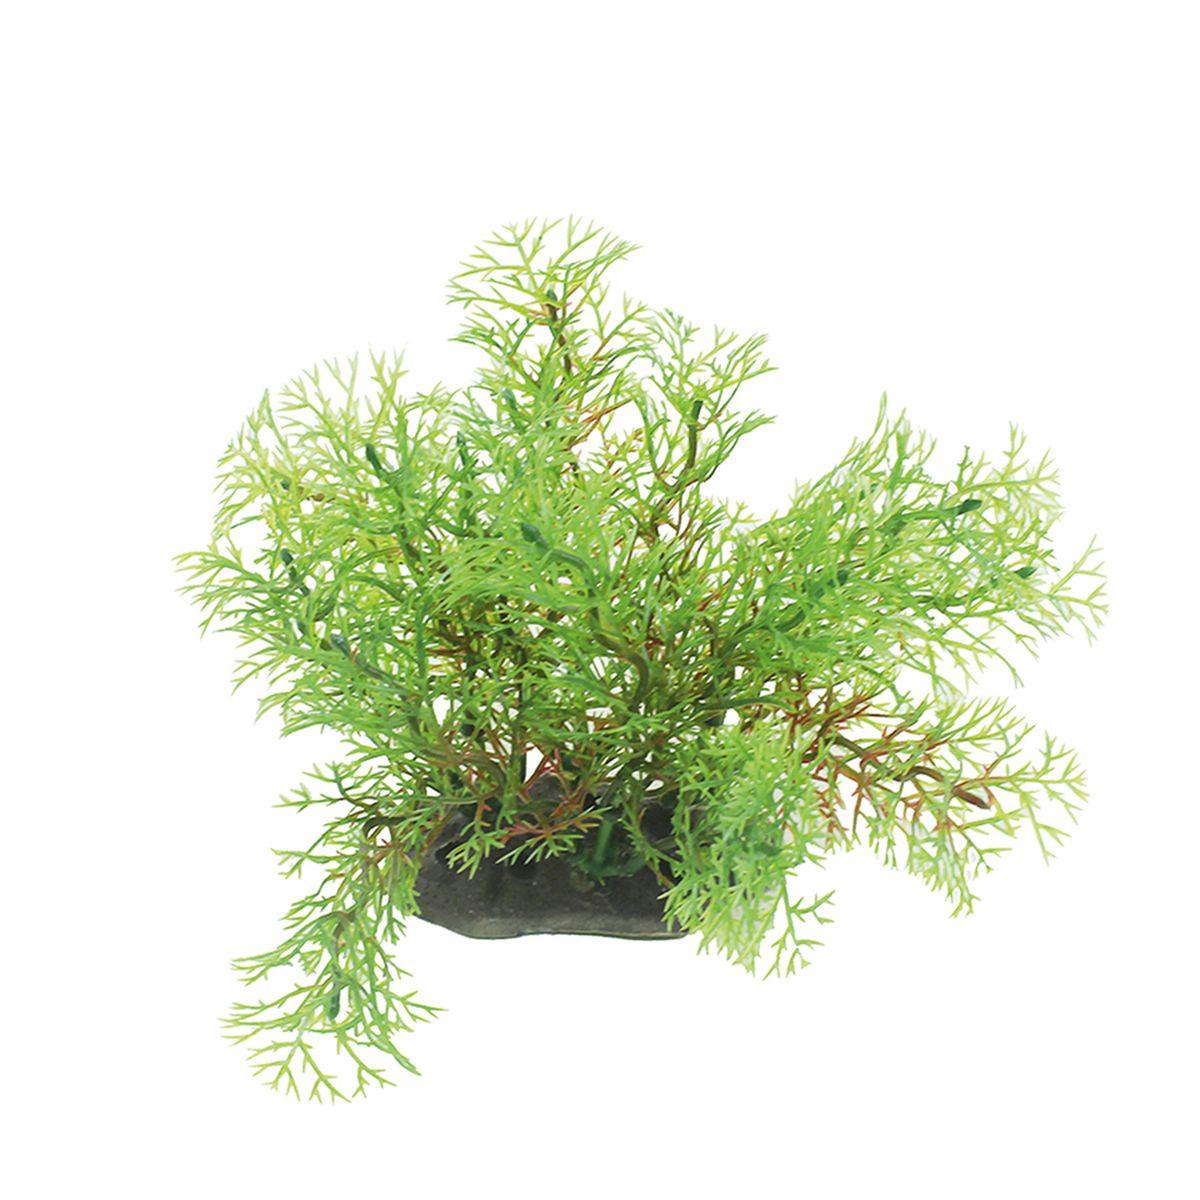 Растение для аквариума ArtUniq Перистолистник желтый, высота 10-12 смART-1192101Растение для аквариума ArtUniq Перистолистник желтый, высота 10-12 см